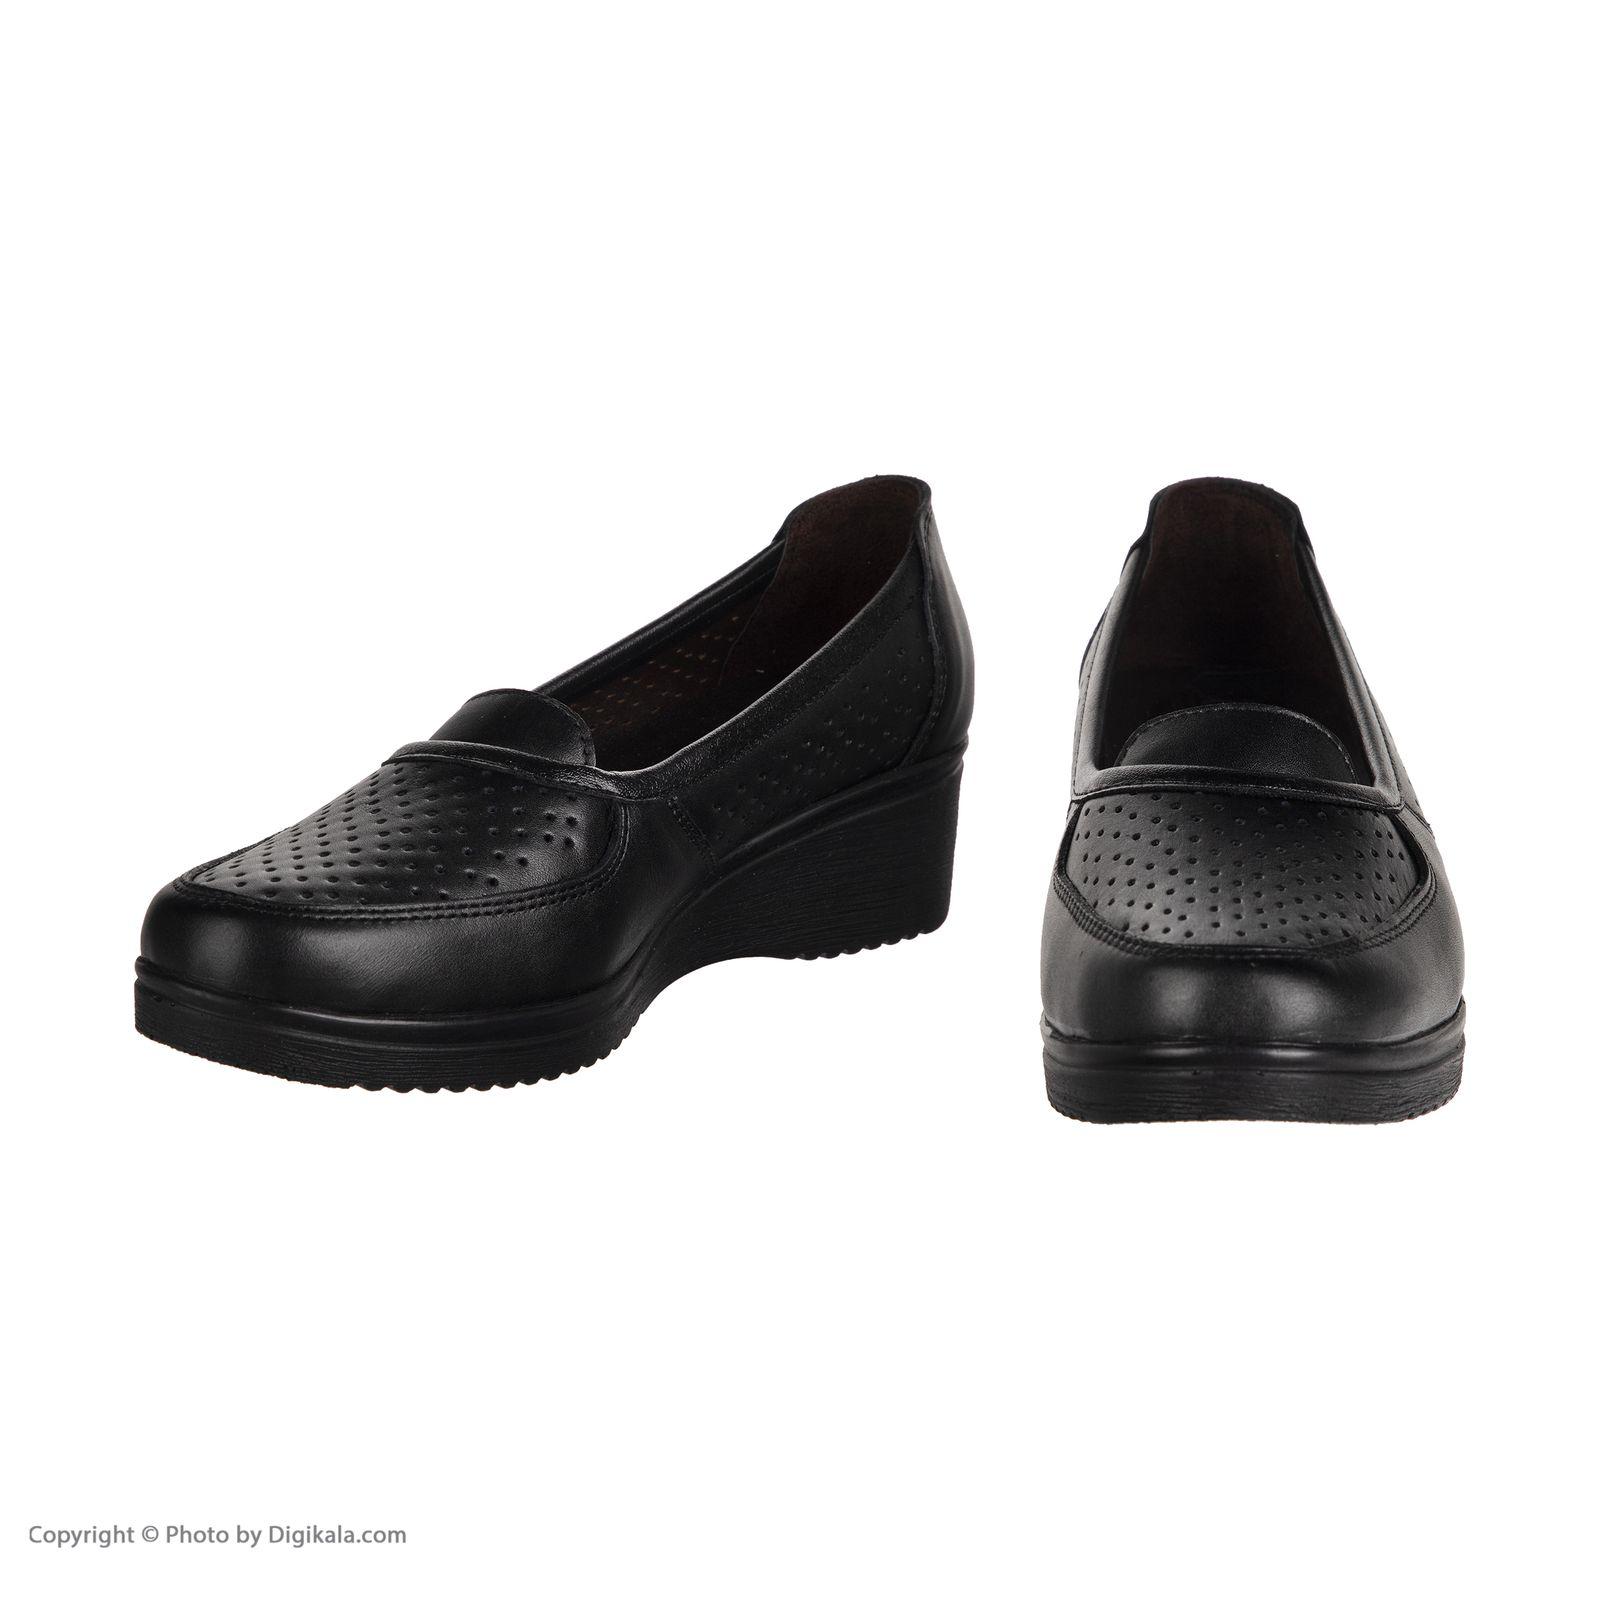 کفش روزمره زنانه سوته مدل 3054B500101 -  - 7